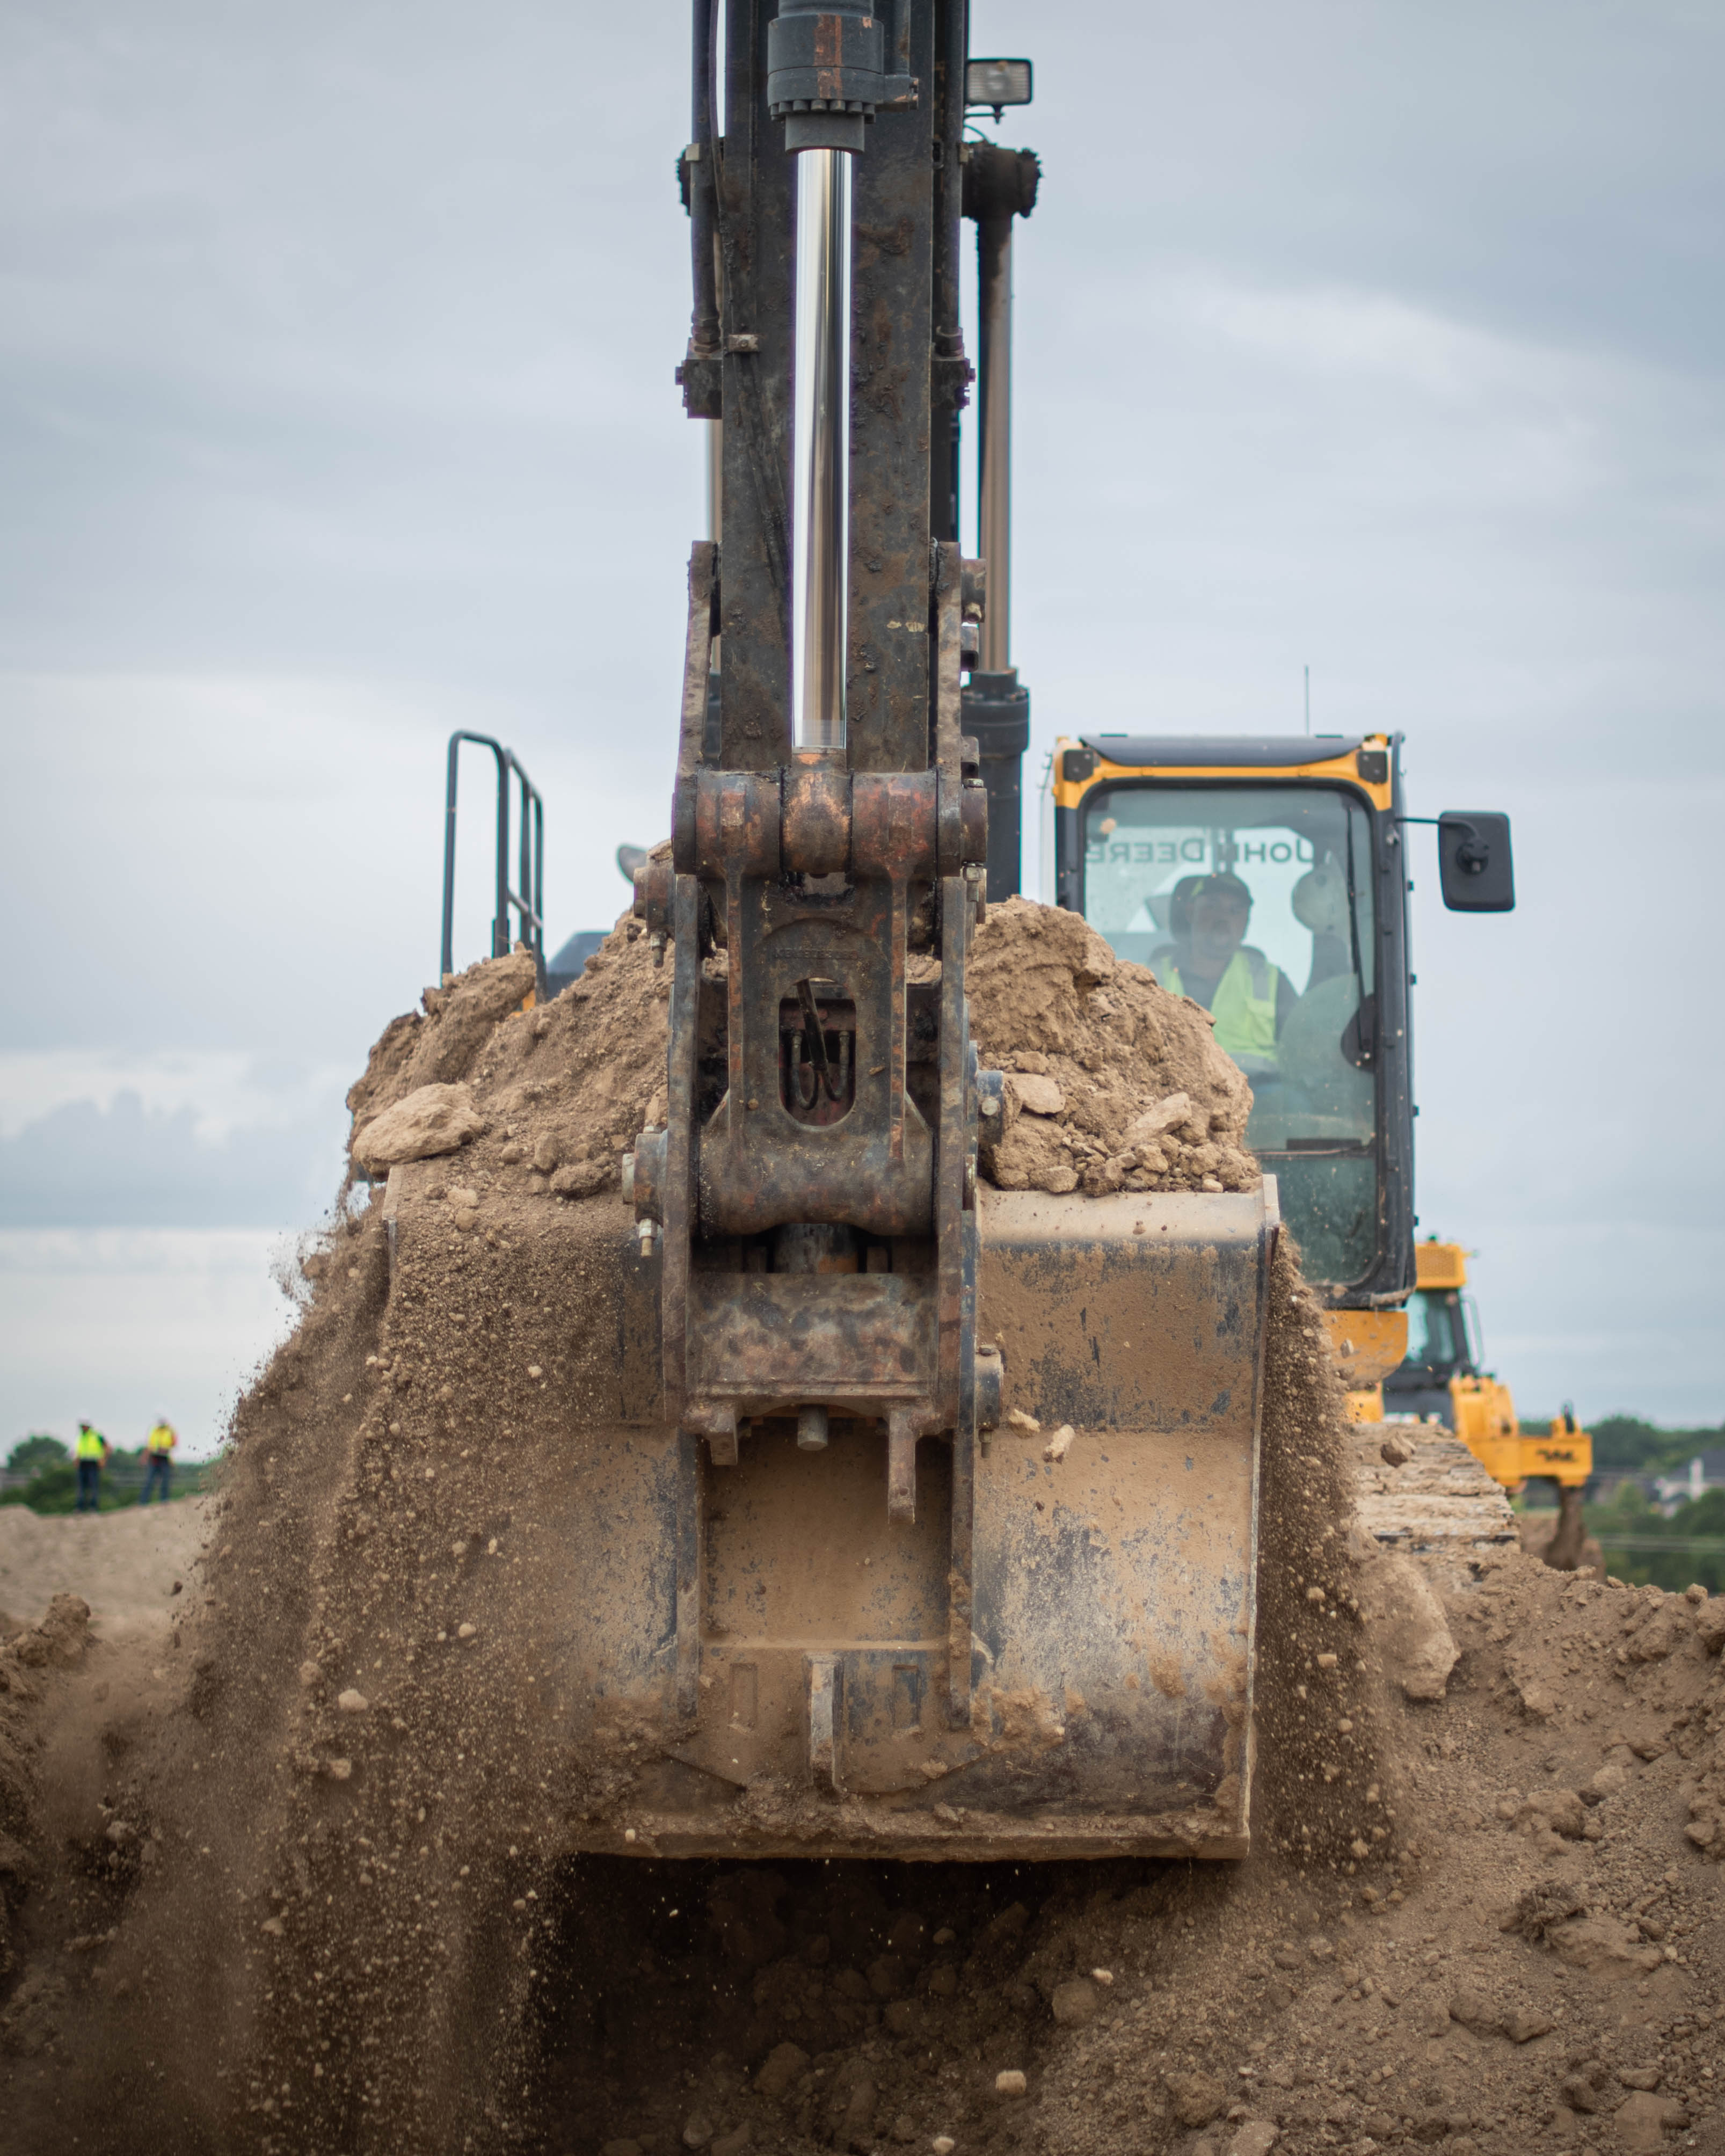 John Deere excavator digging dirt.